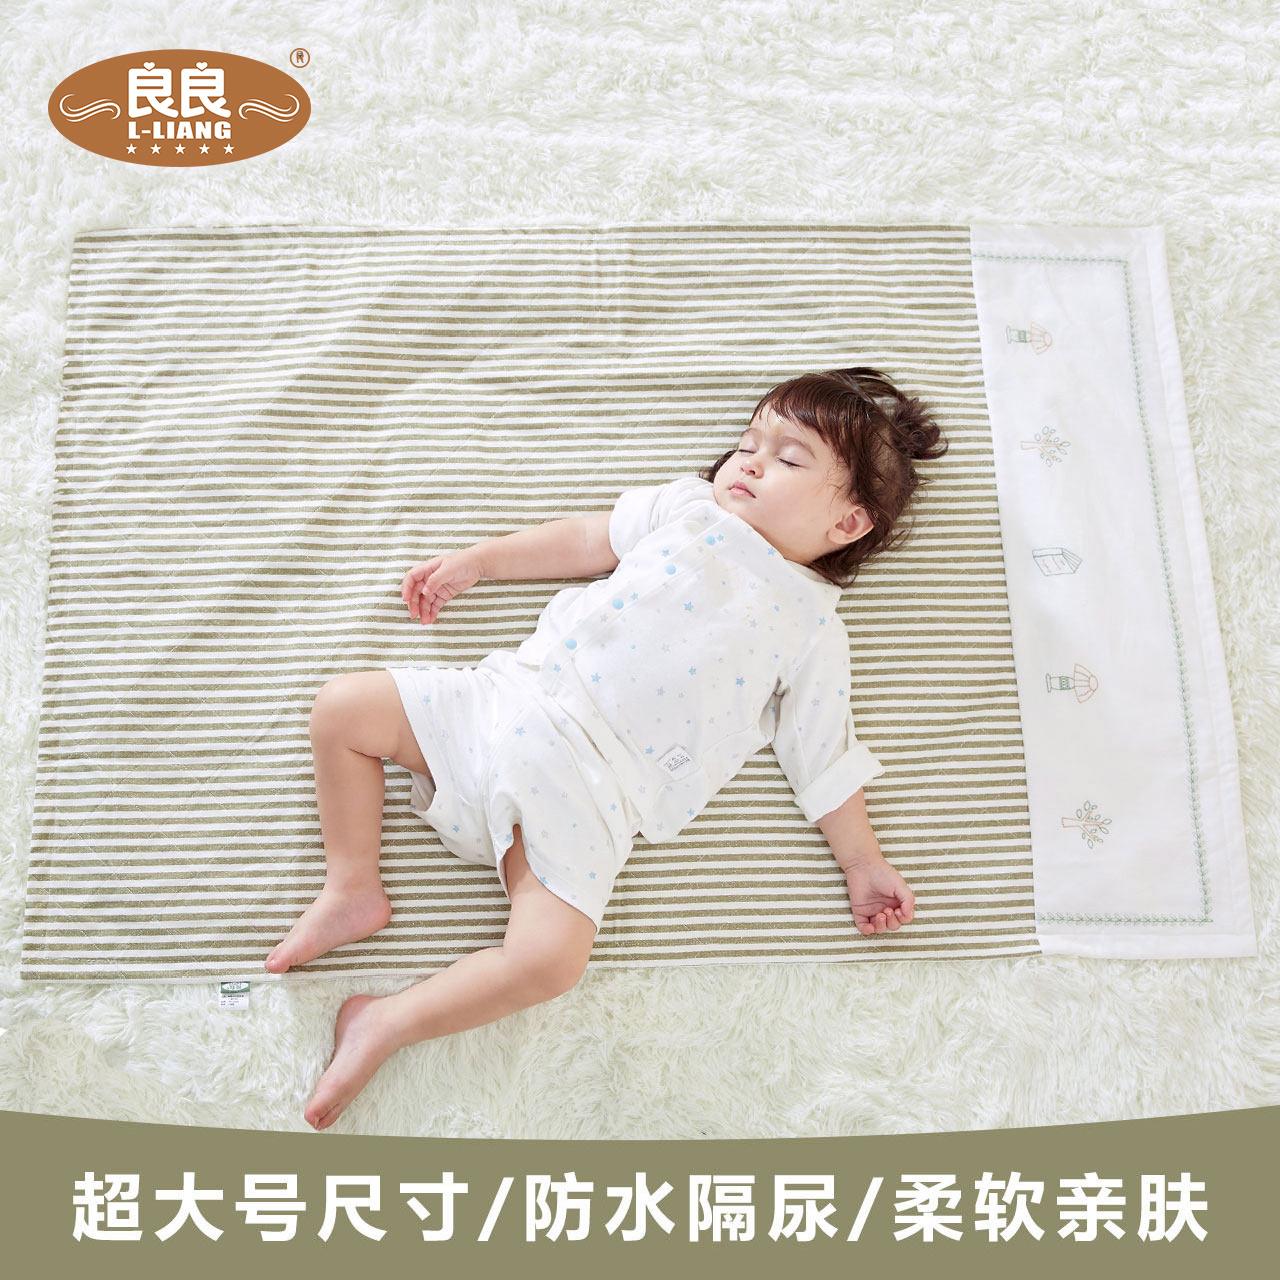 良良婴儿隔尿垫超大号宝宝防水透气麻棉尿布新生儿童可洗床垫3元优惠券